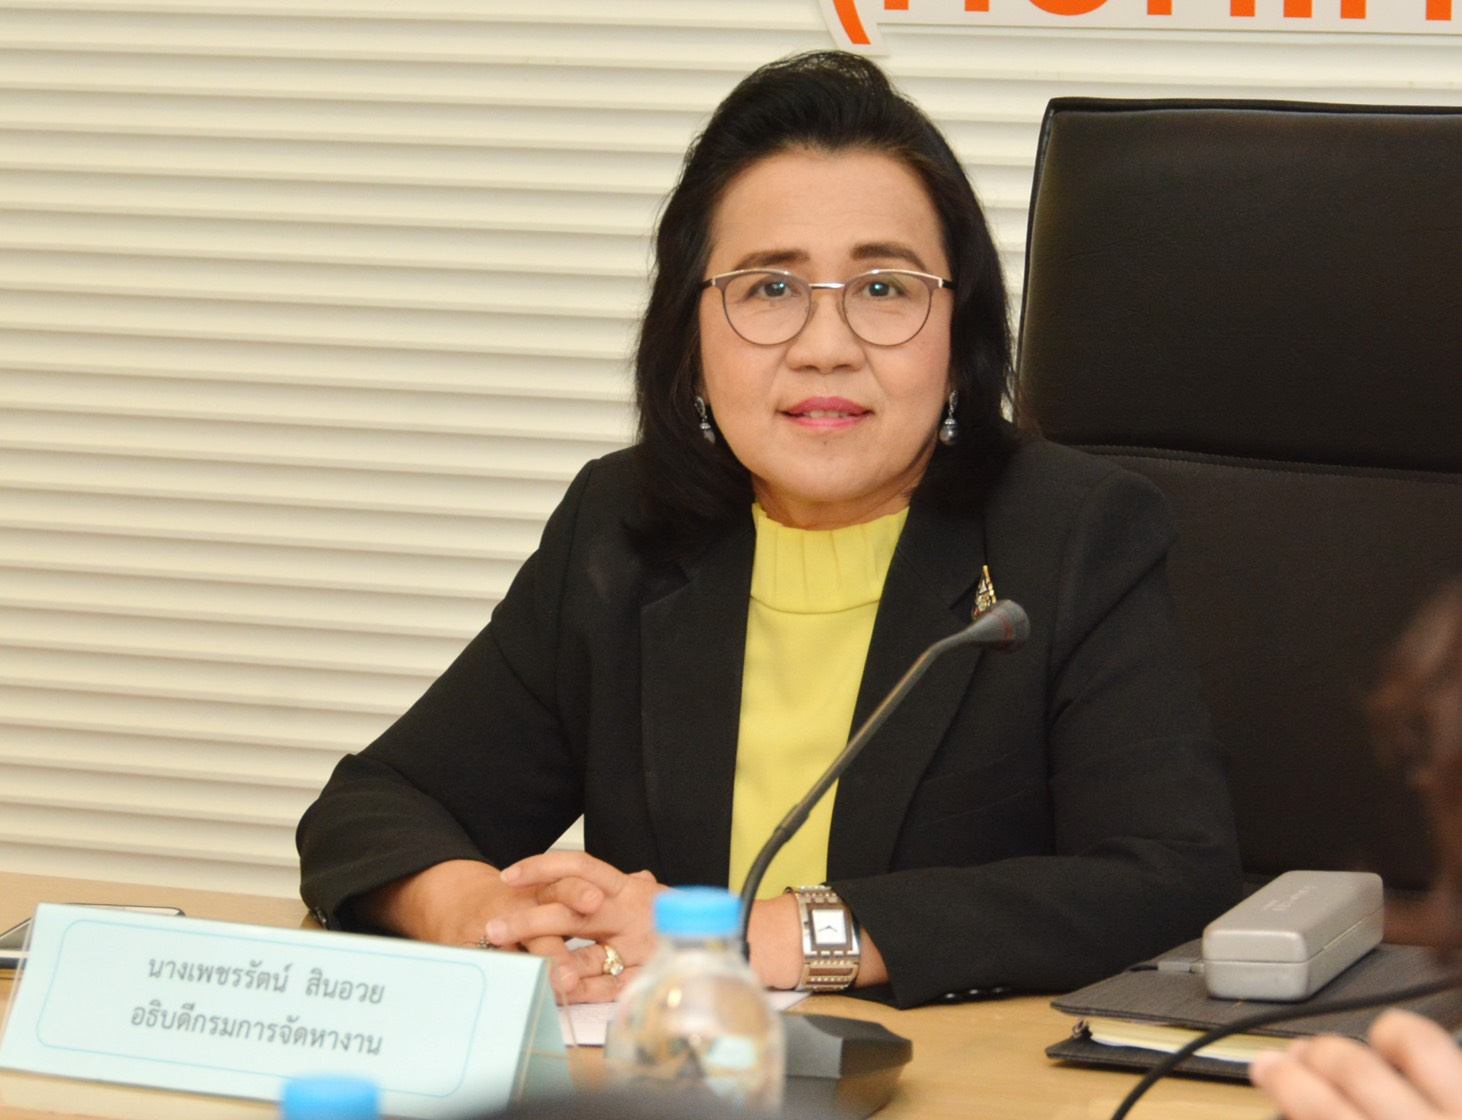 กรมการจัดหางานประชุมหารือการนิคมอุตสาหกรรมแห่งประเทศไทย